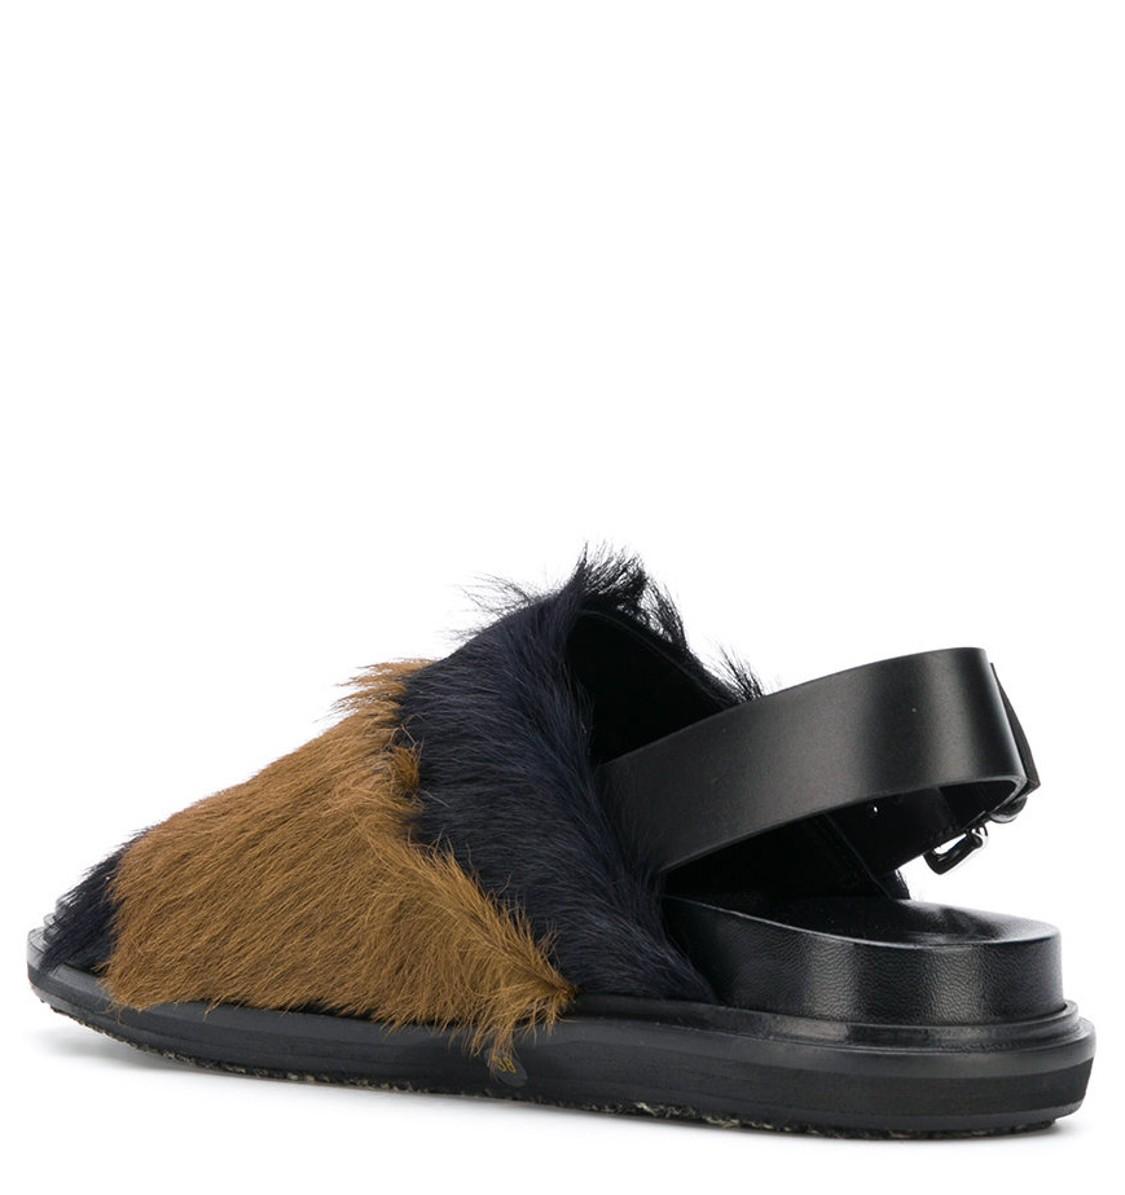 4dc572c0e2 shop Marni Saldi Scarpe: Fussbett Marni, in vitello, fascia bicolore in  pelliccia,